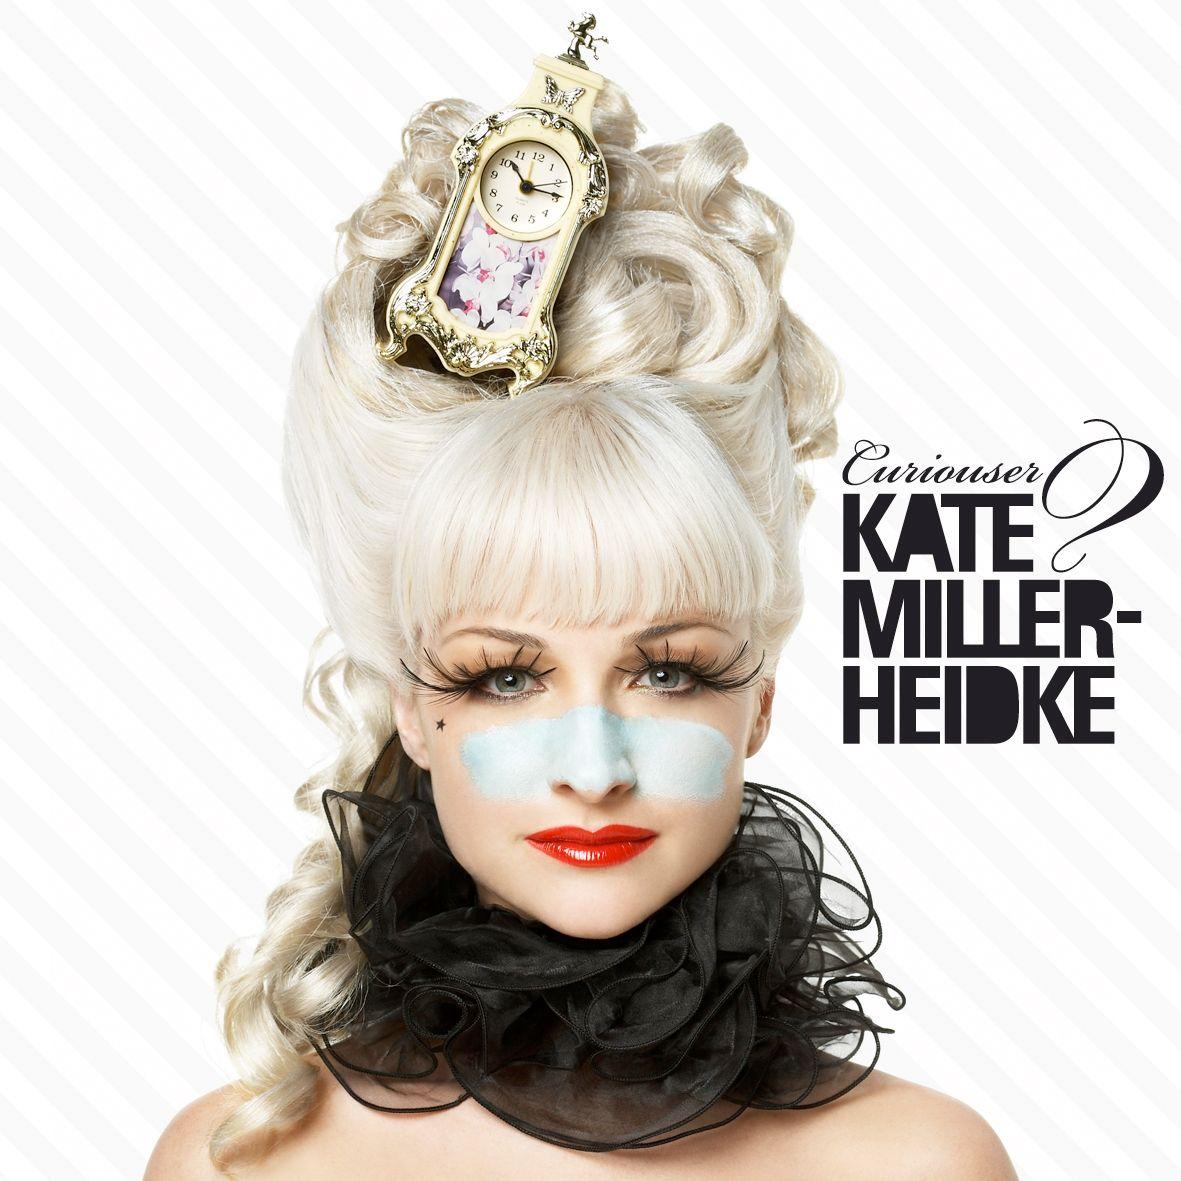 Kate Miller-heidke - Curiouser album cover